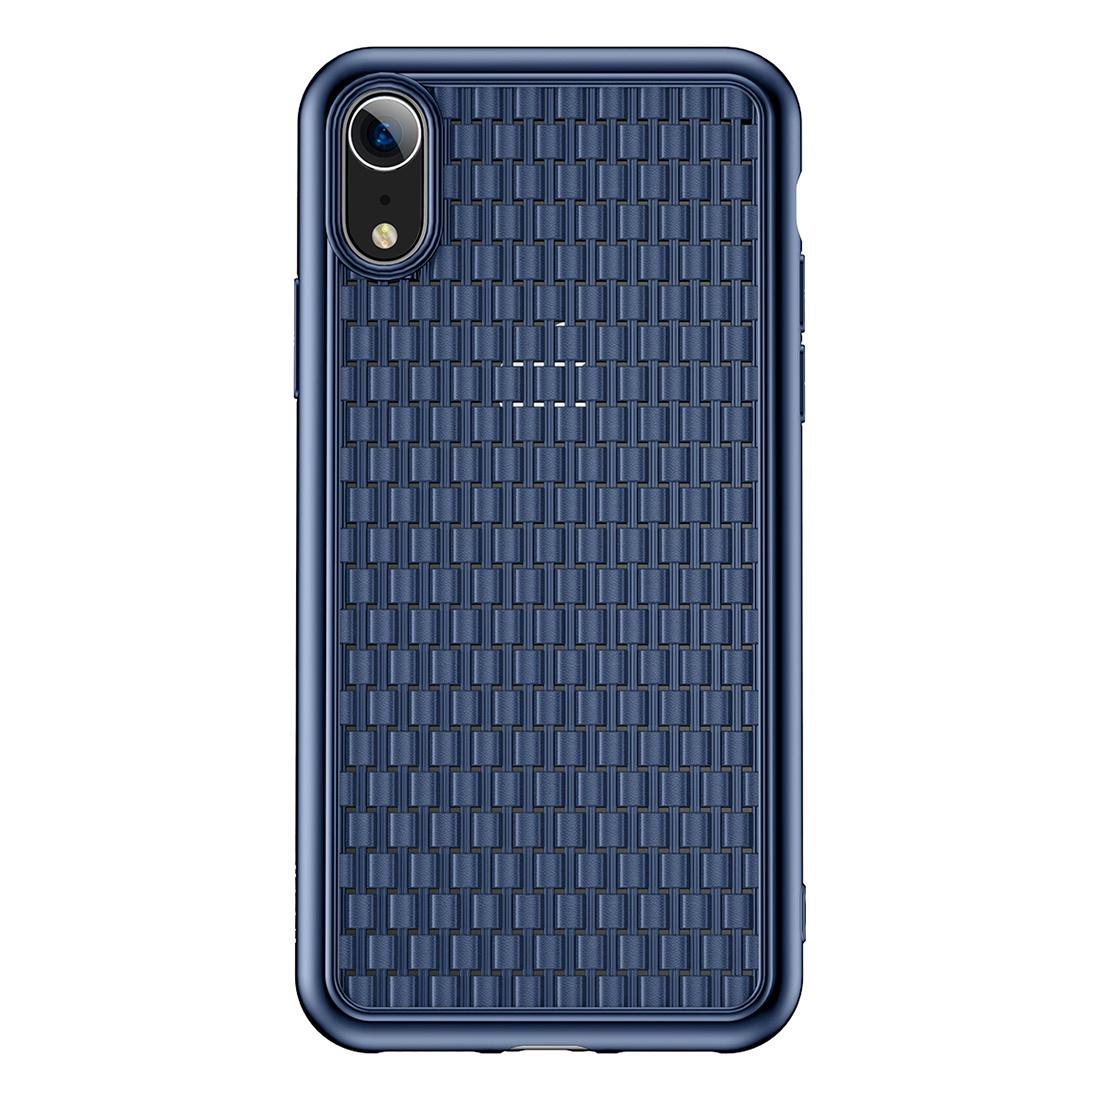 Чехол для сотового телефона Baseus WIAPIPH65-BV03, синий